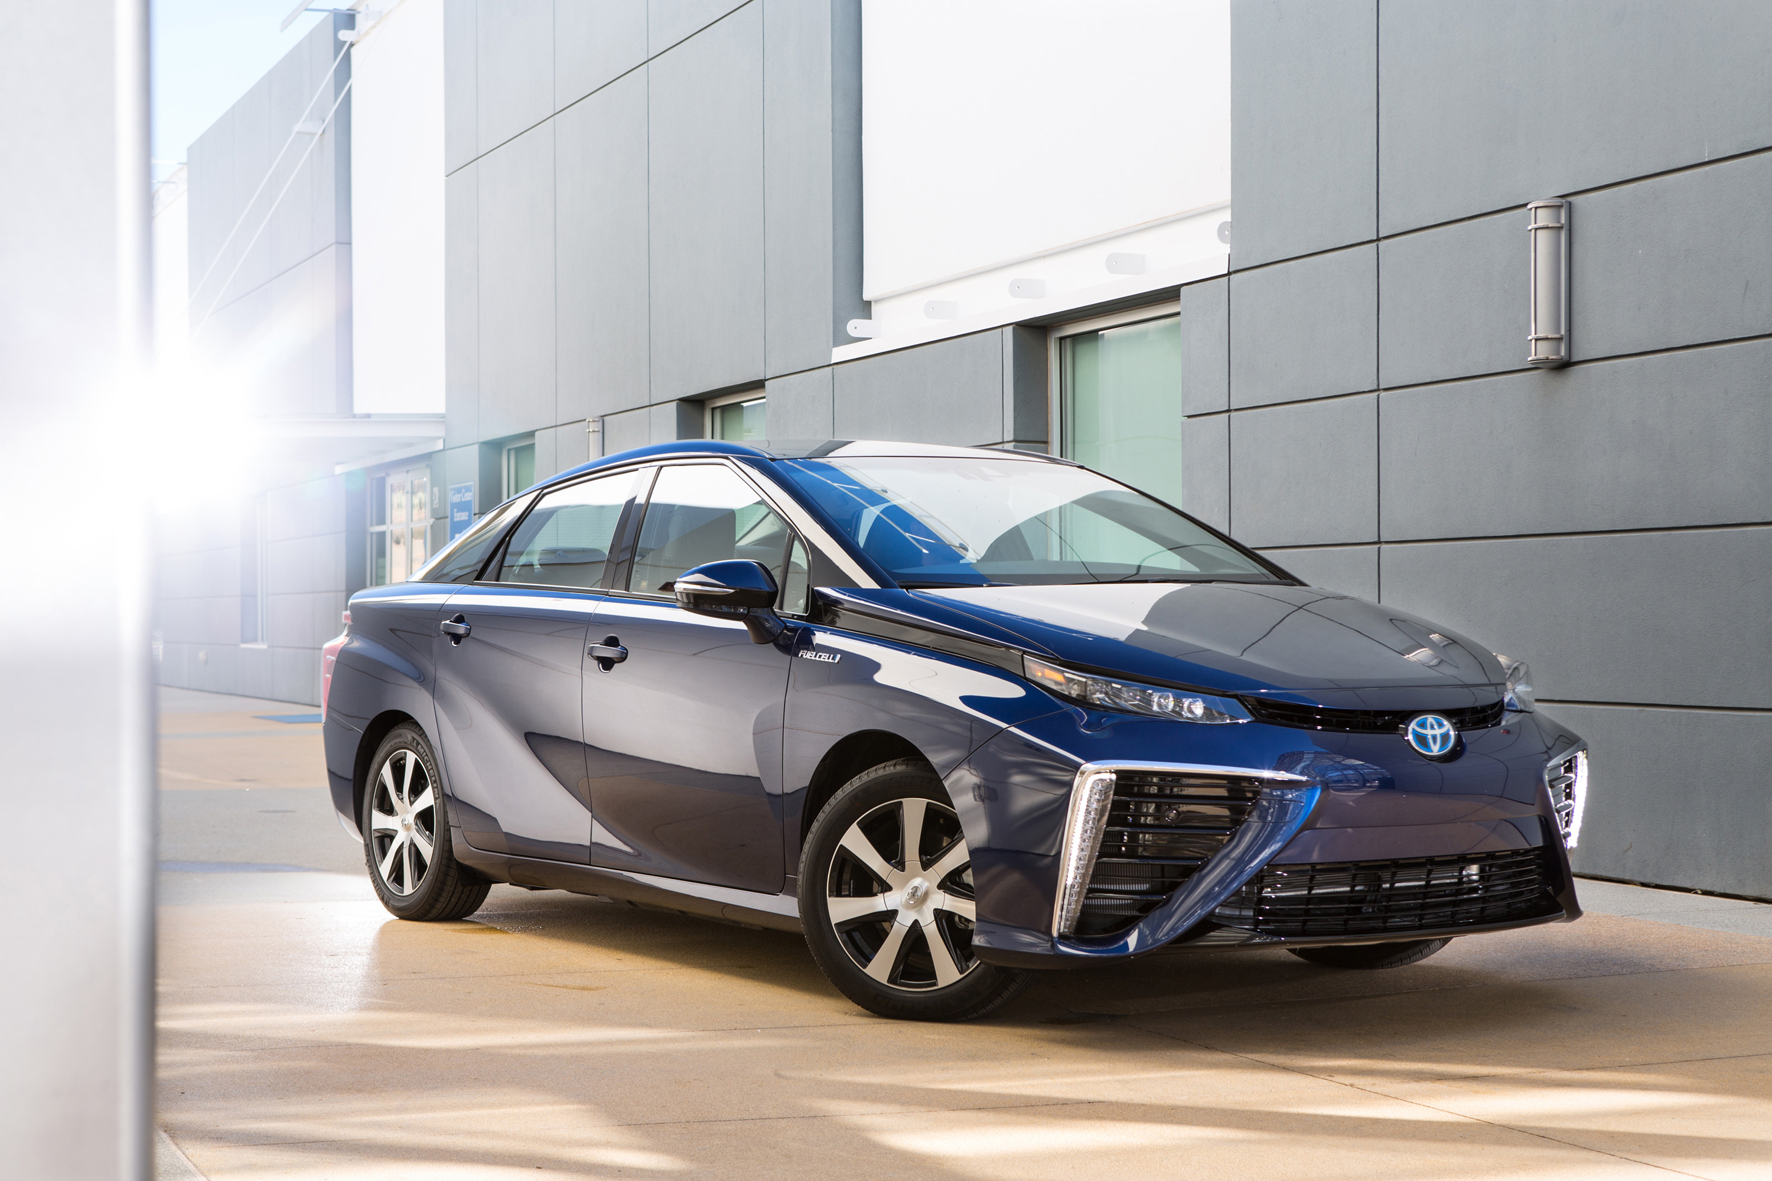 Wasserstoff-Mobilität zum Anfassen